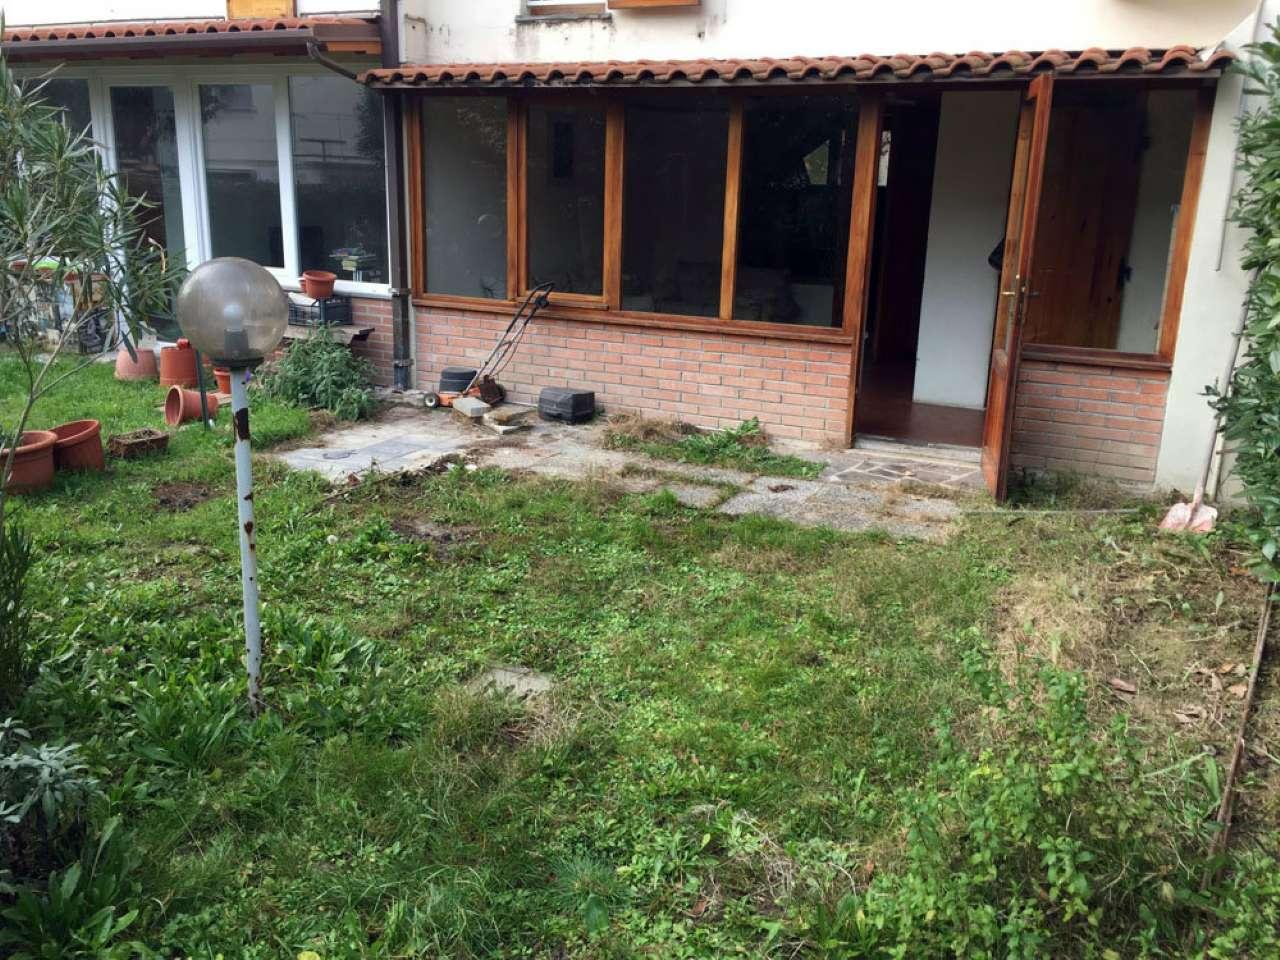 Palazzo / Stabile in vendita a Ravenna, 6 locali, prezzo € 280.000 | CambioCasa.it